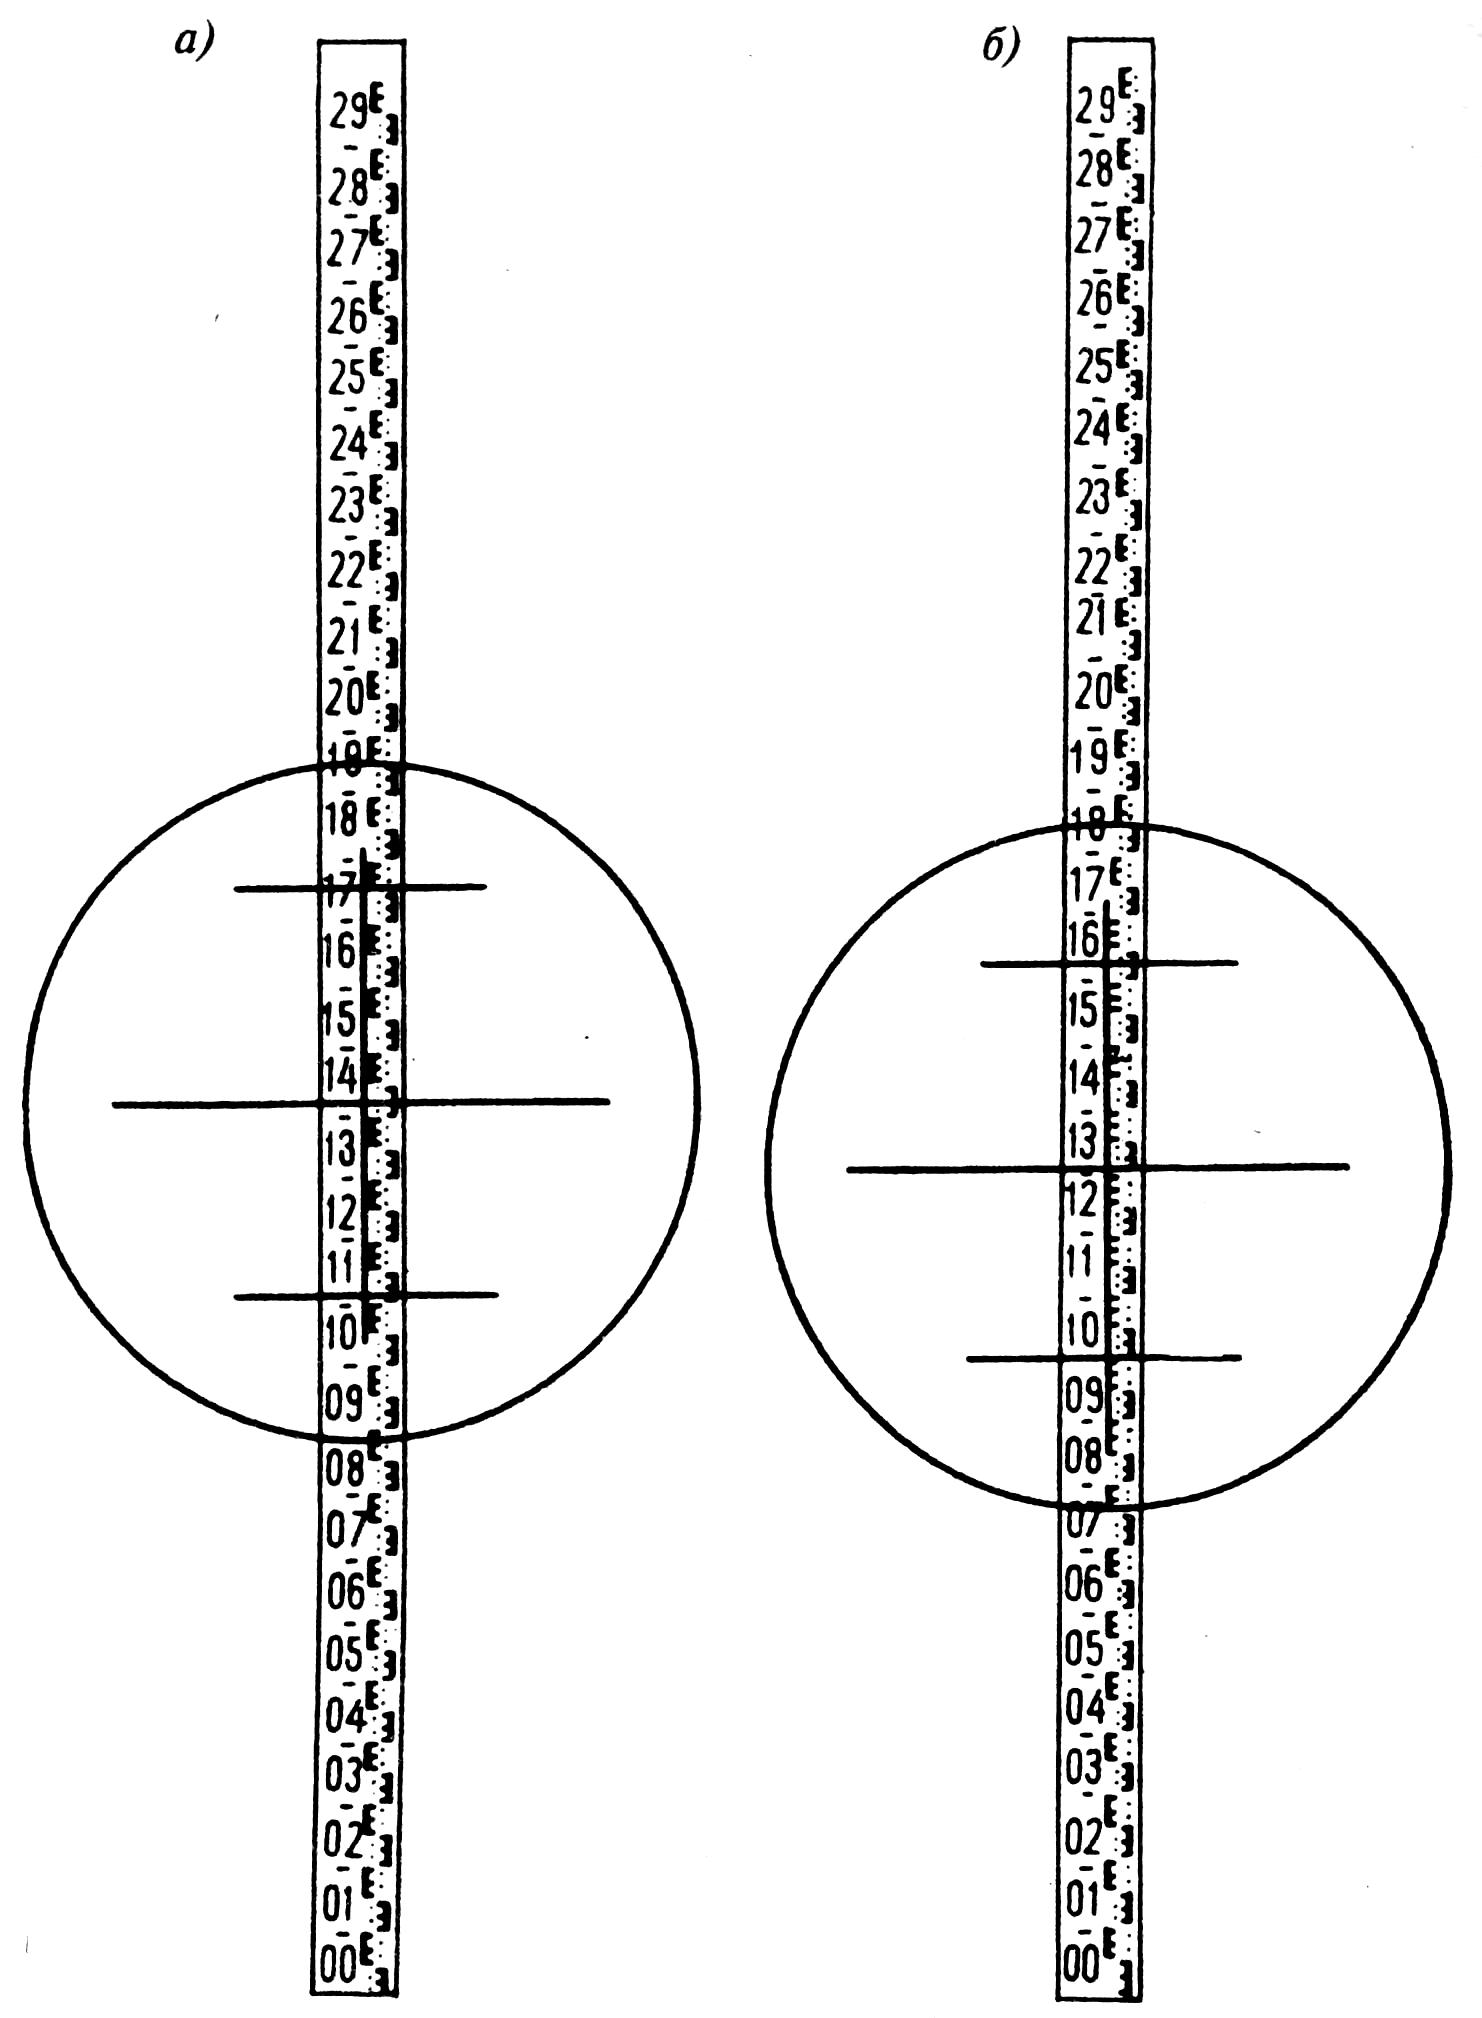 коттеджей, различие горизонтальной тахиометрический съемки пользователей персональных компьютеров